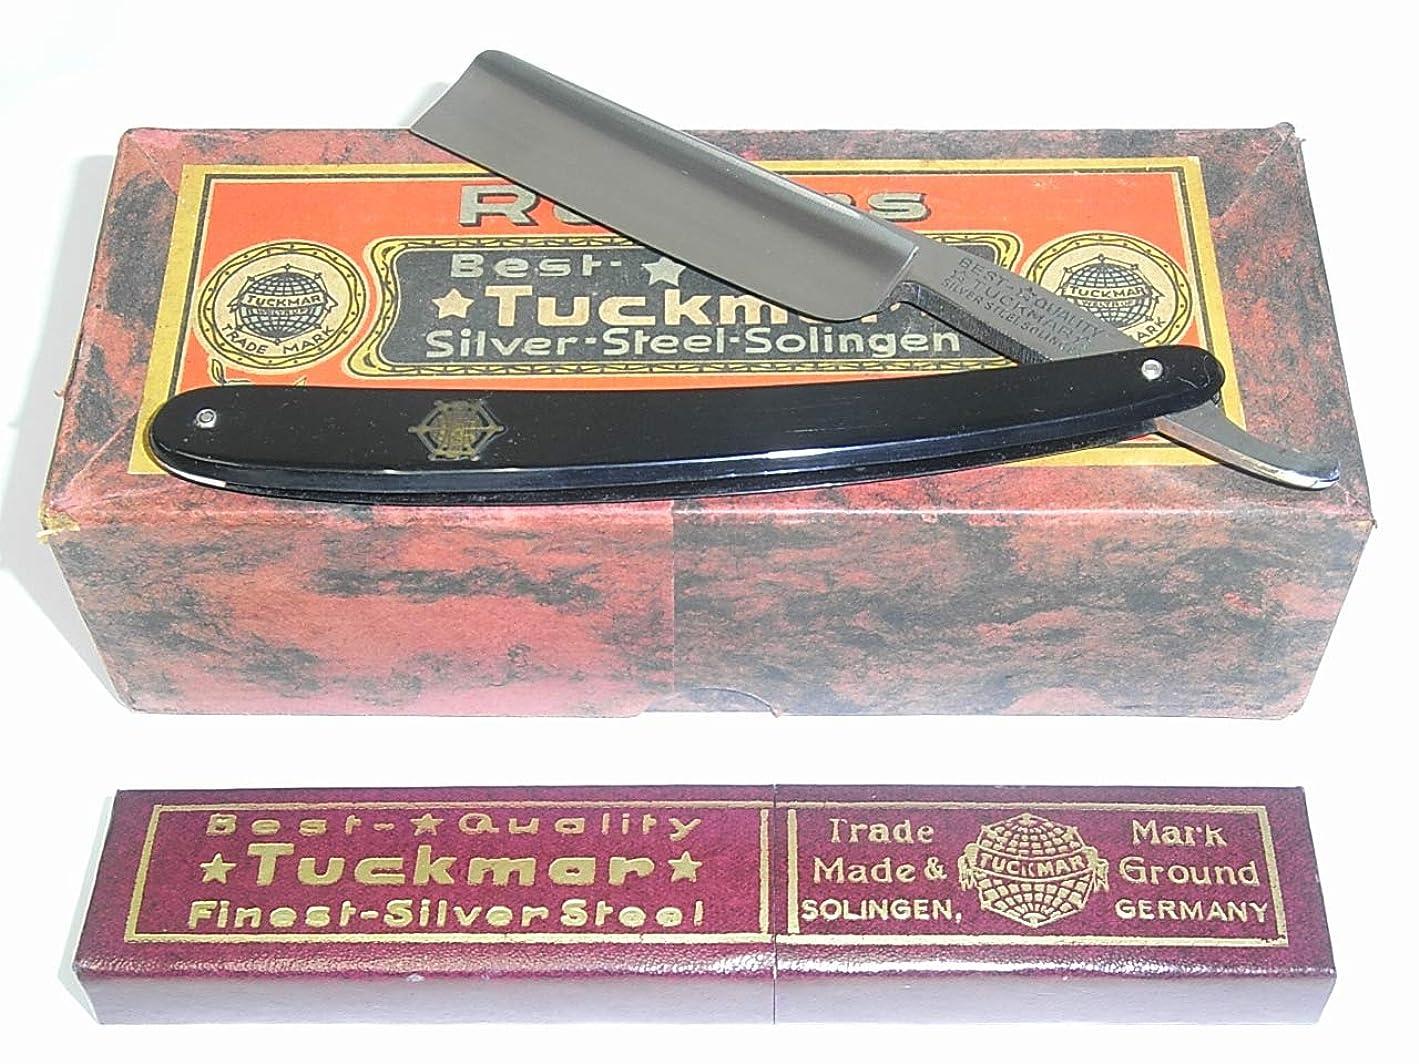 以来移住する繕う西洋カミソリ ゾーリンゲン TUCKMAR ドイツ製 刃渡72mm×刃幅6/8インチ 外箱付